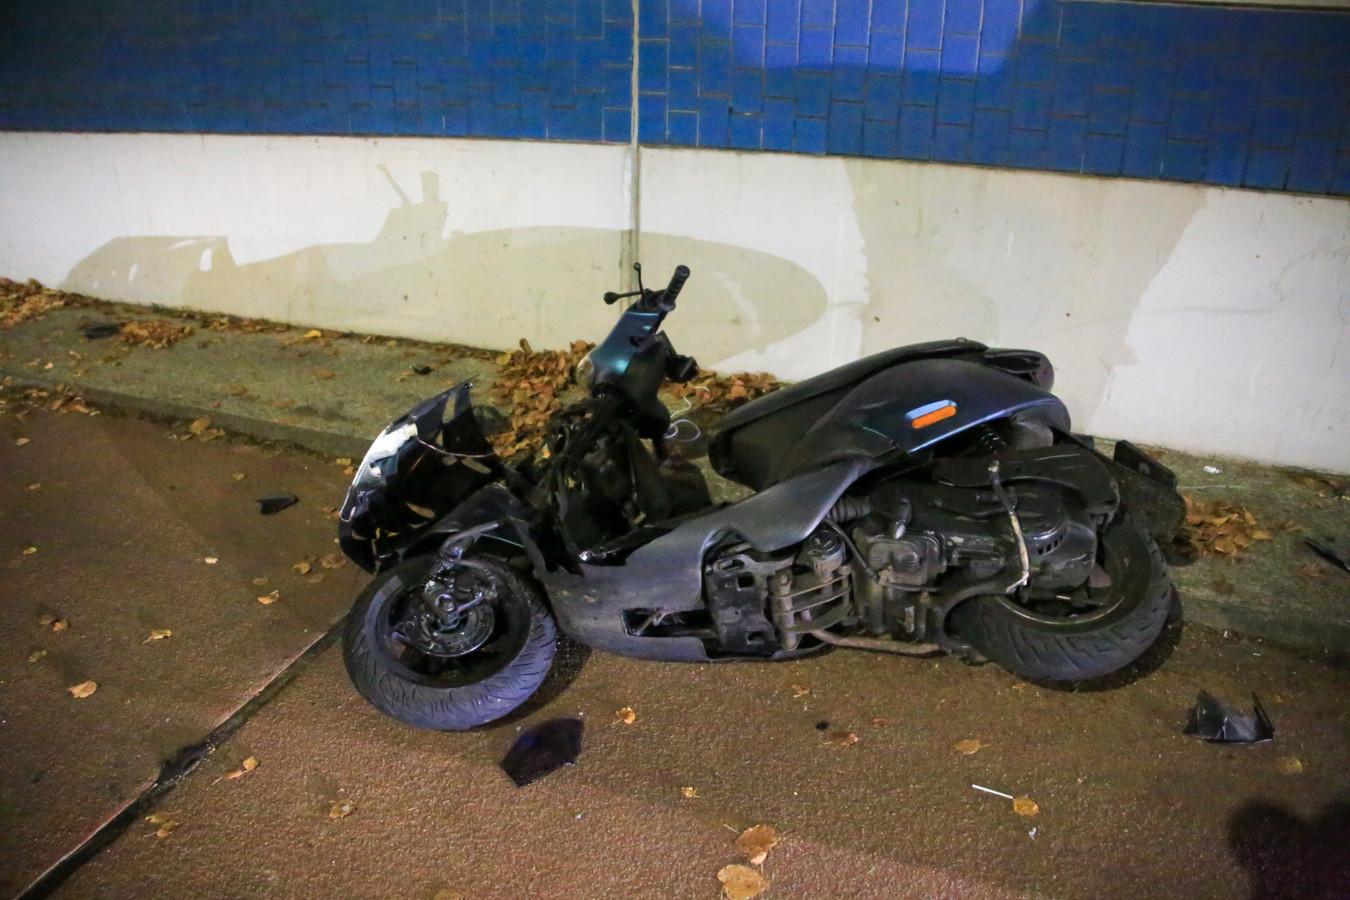 Scooters botsen tegen elkaar in Helmond